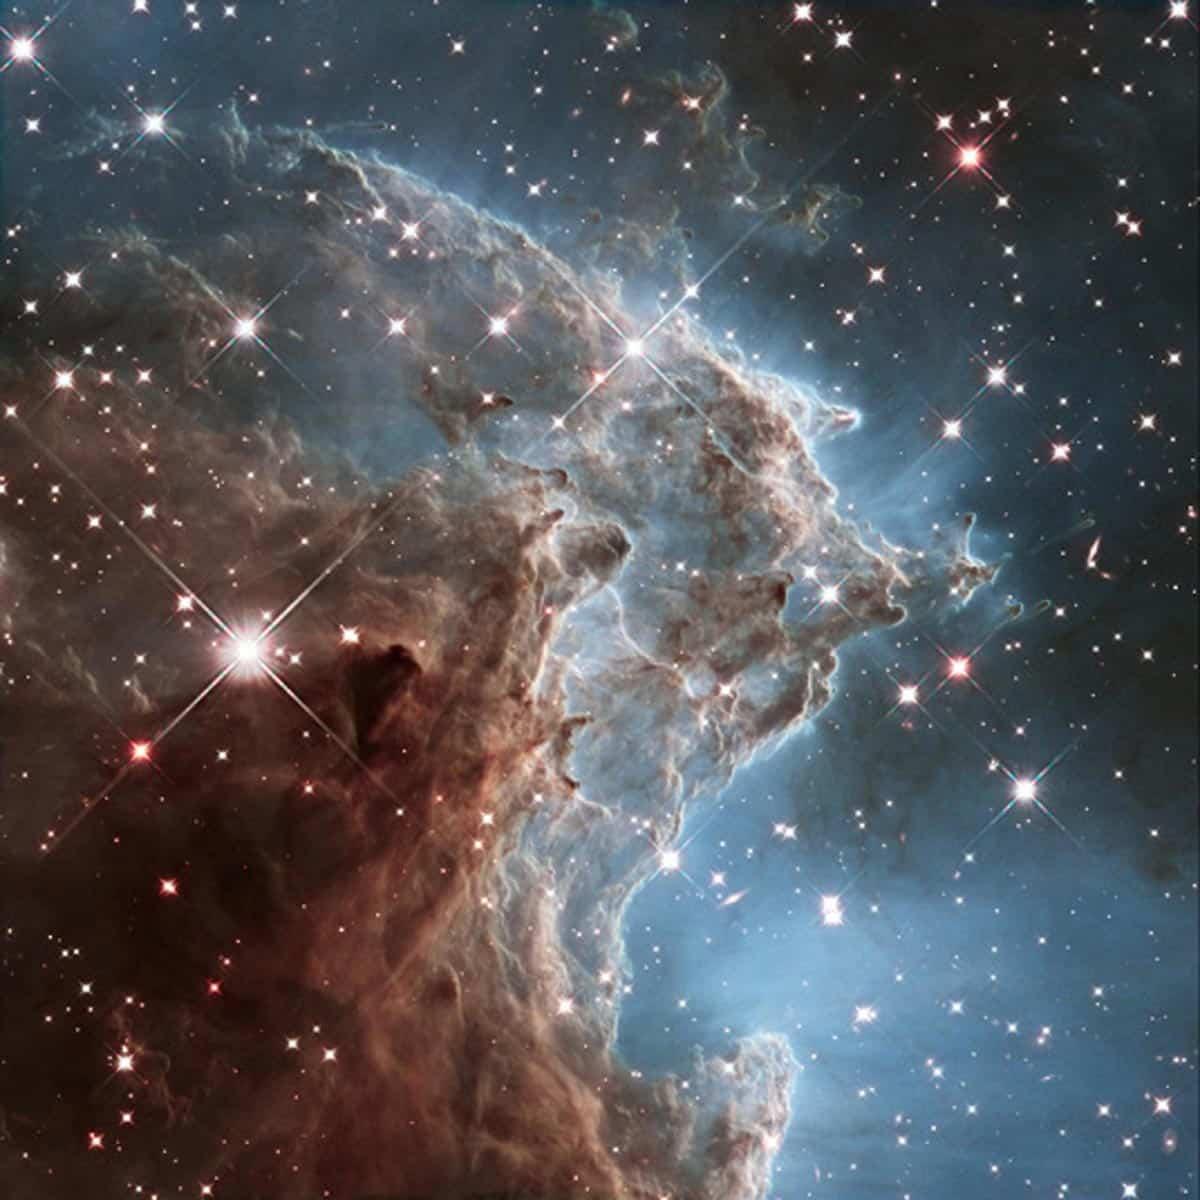 20. Image d'une partie de NGC 2174, également connu sous le nom de la nébuleuse tête de singe. Cette photo a été utilisée pour fêter les 24 ans en orbite de Hubble (Photo : NASA/ESA/Hubble)